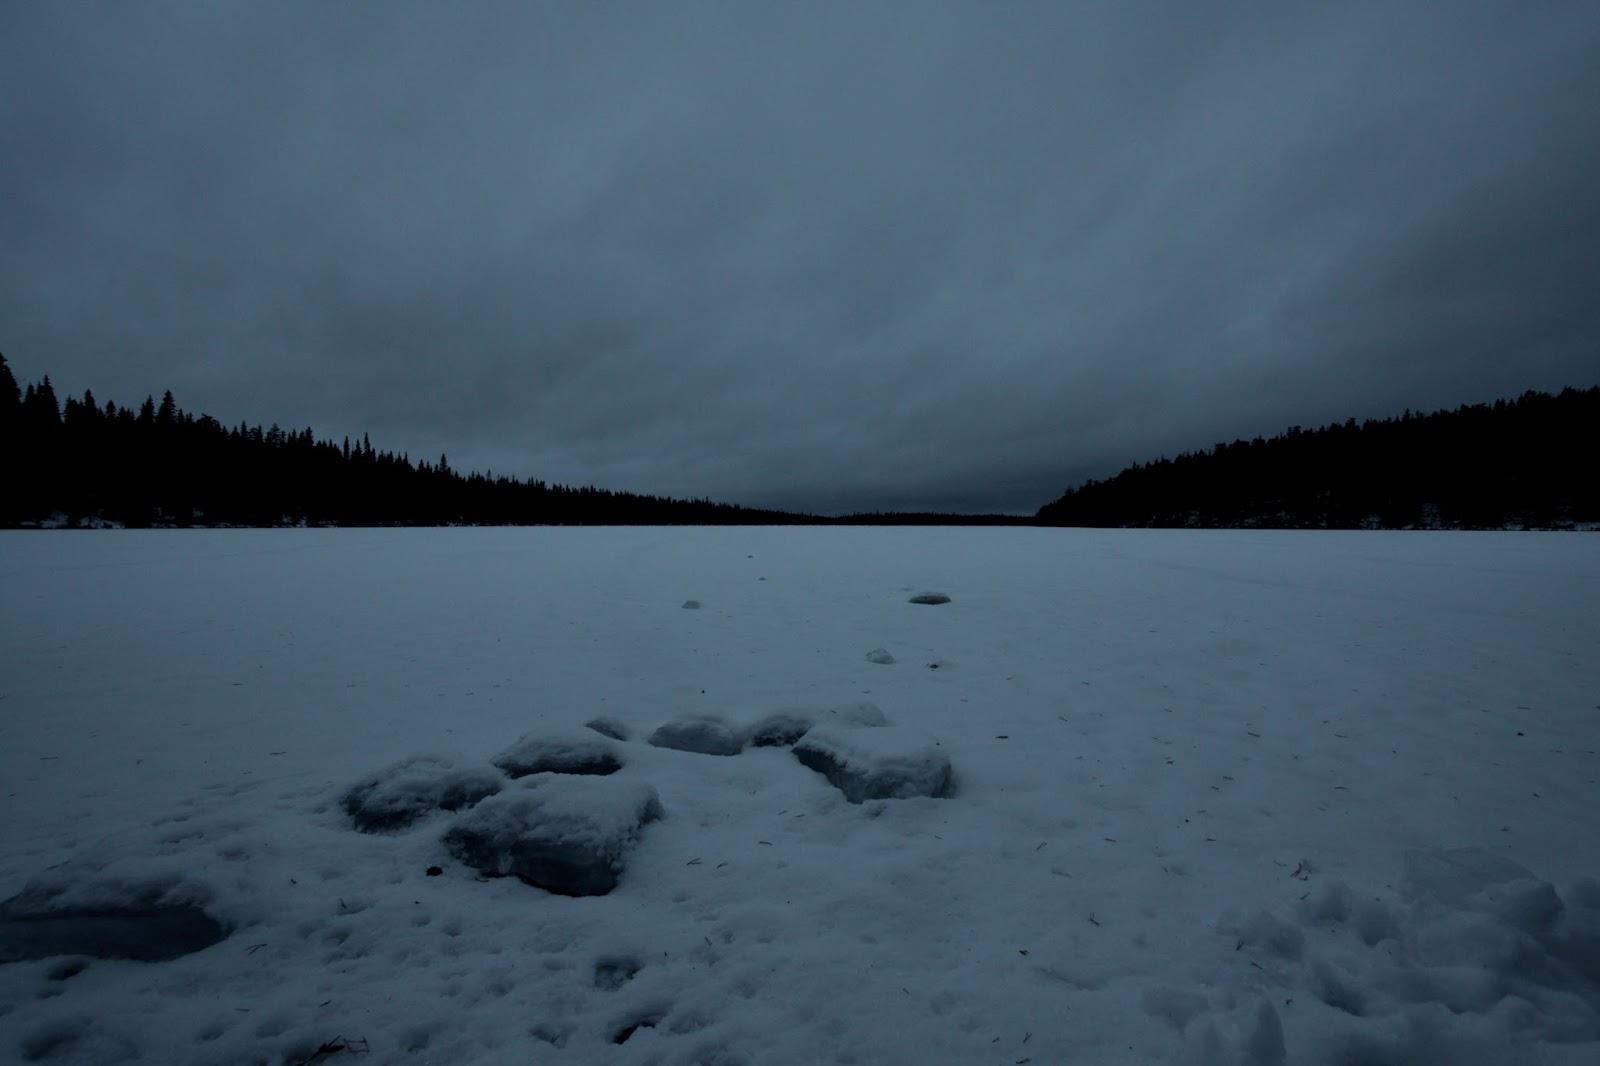 Näkymä harmaalle joelle Jussinkämpän rannasta